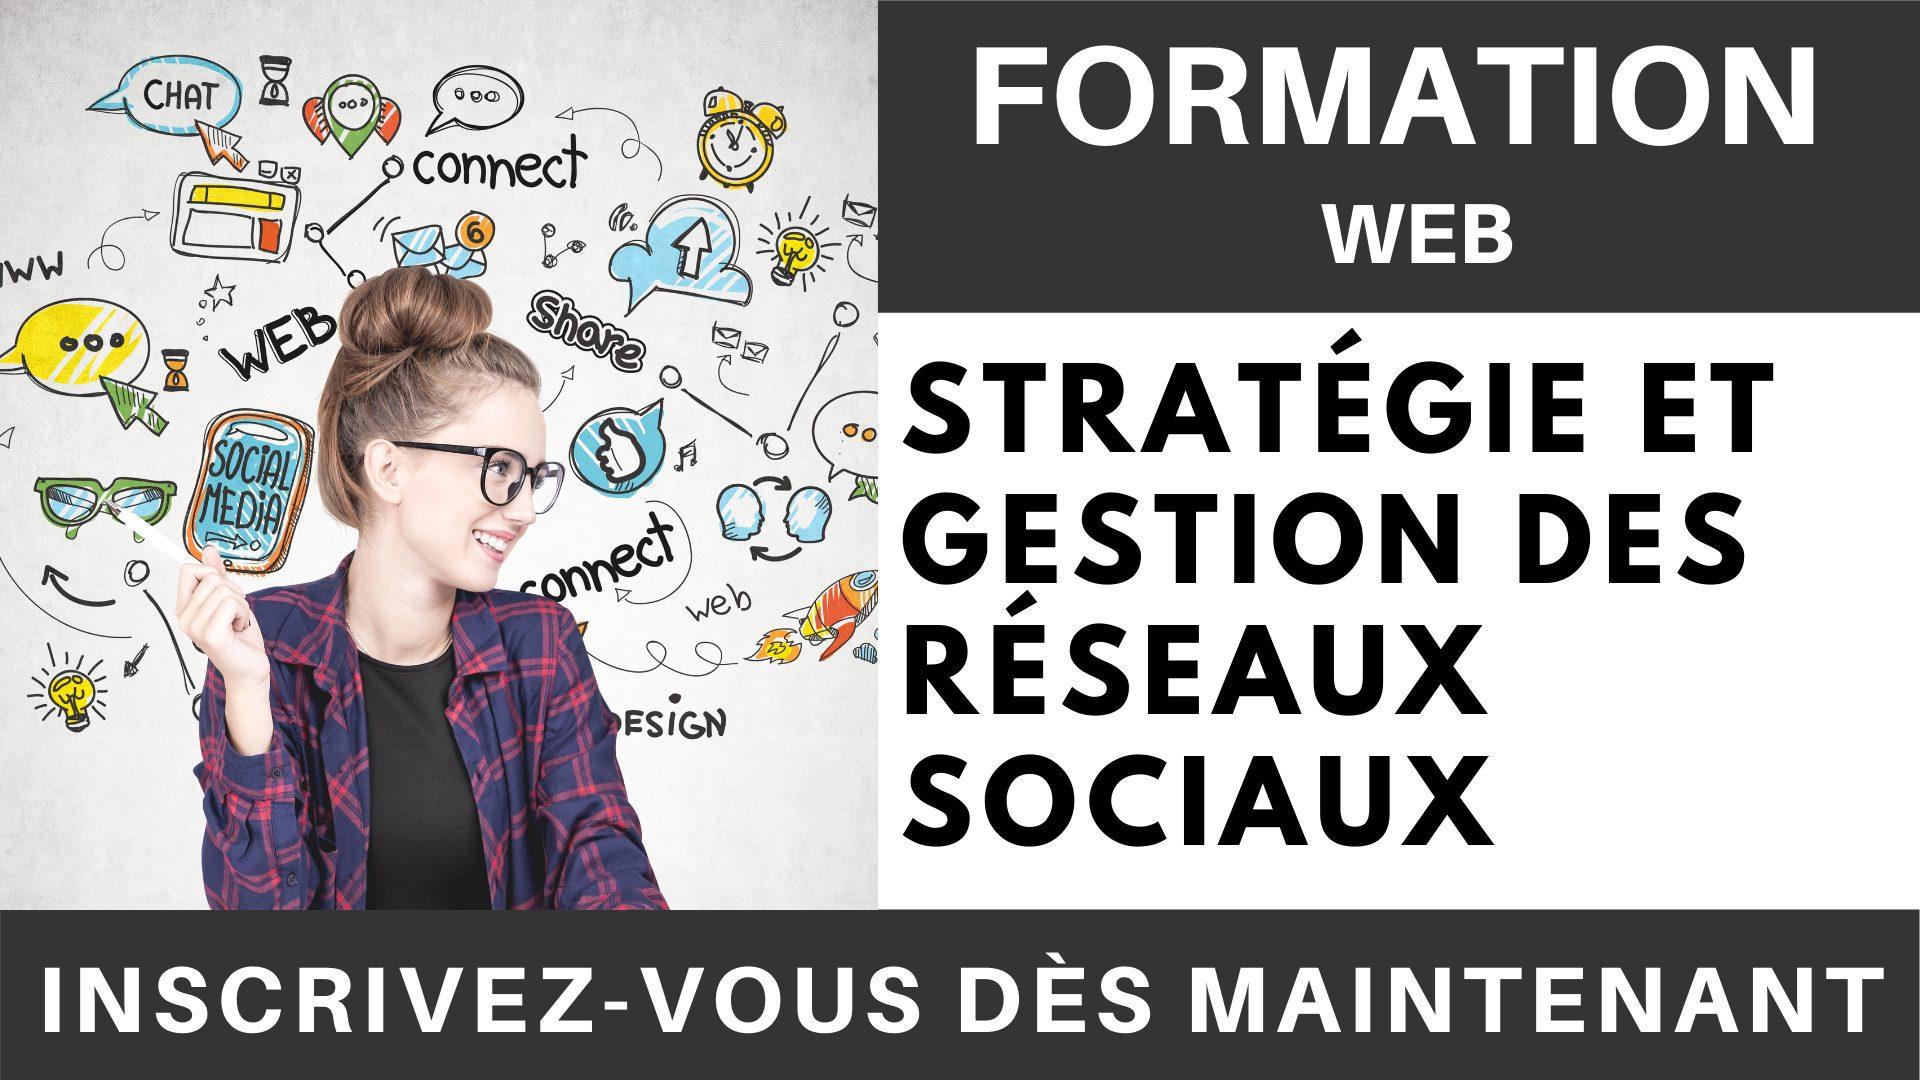 Formation WEB - Stratégie et gestion des réseaux sociaux